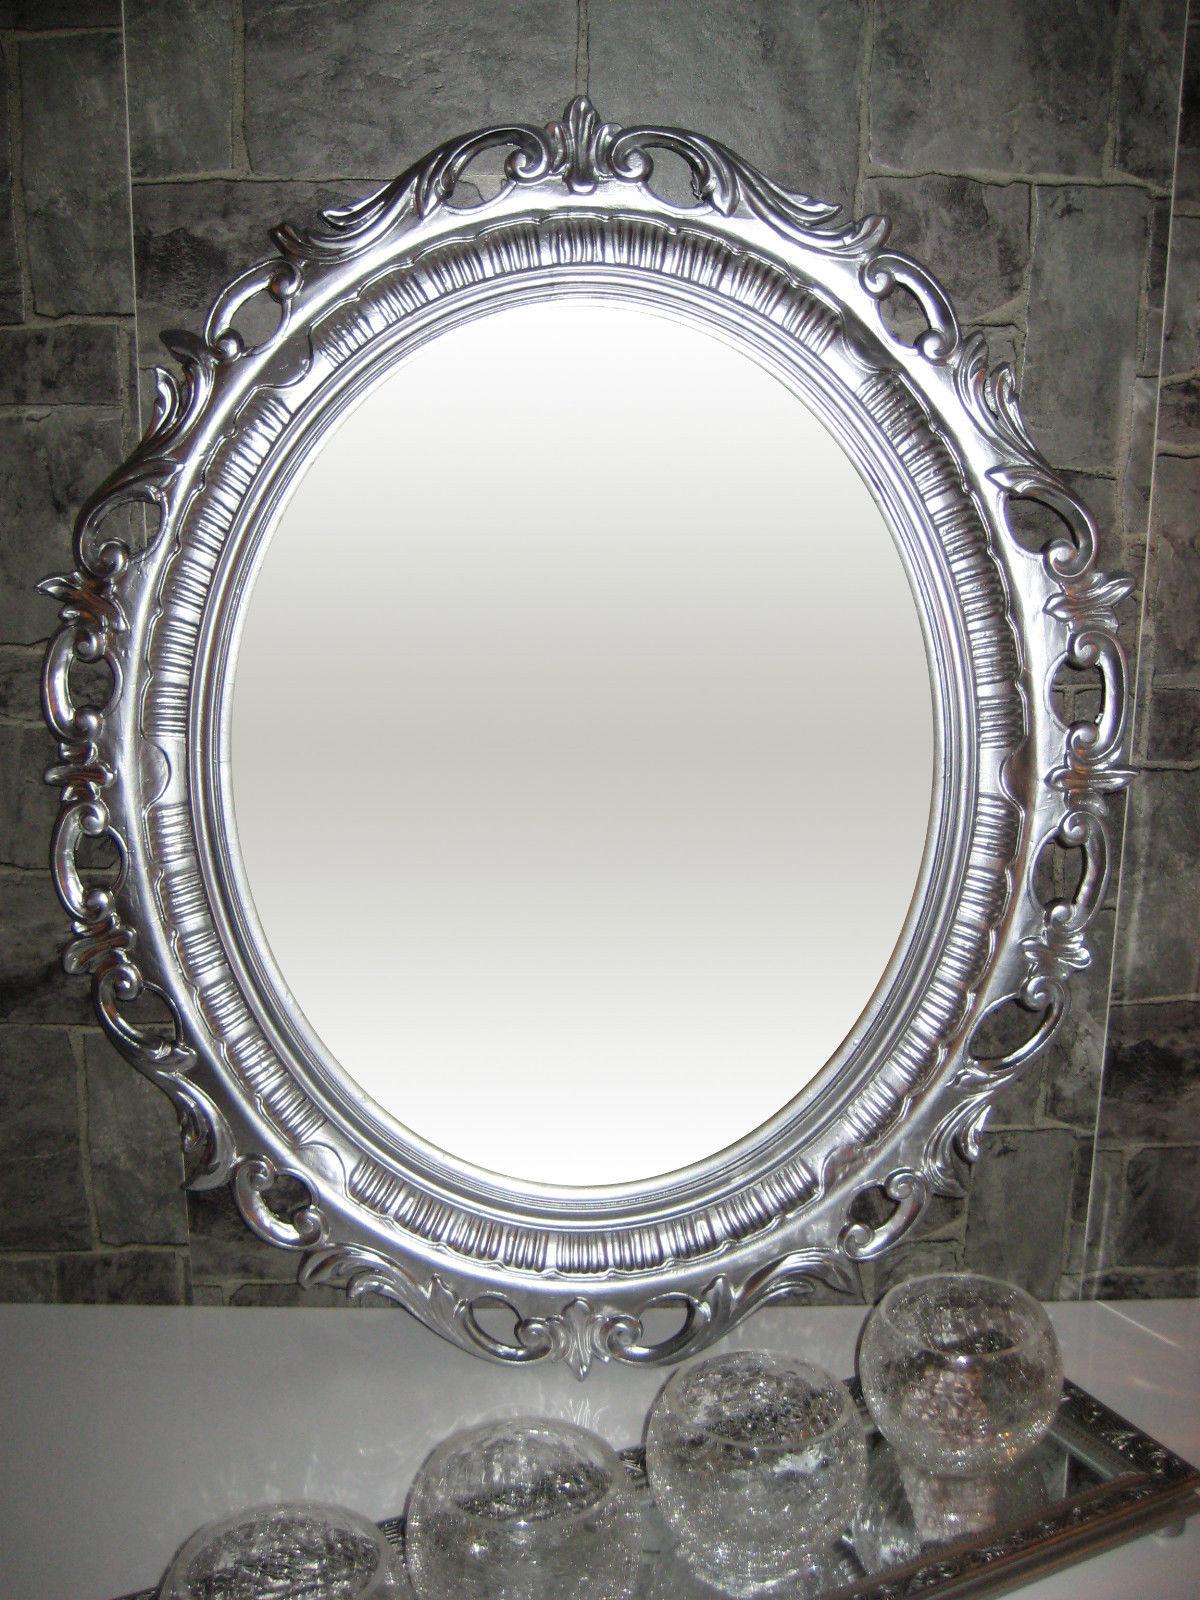 ovaler wandspiegel best full size of silber oval modern mit rahmen moderne barock spiegel fr. Black Bedroom Furniture Sets. Home Design Ideas